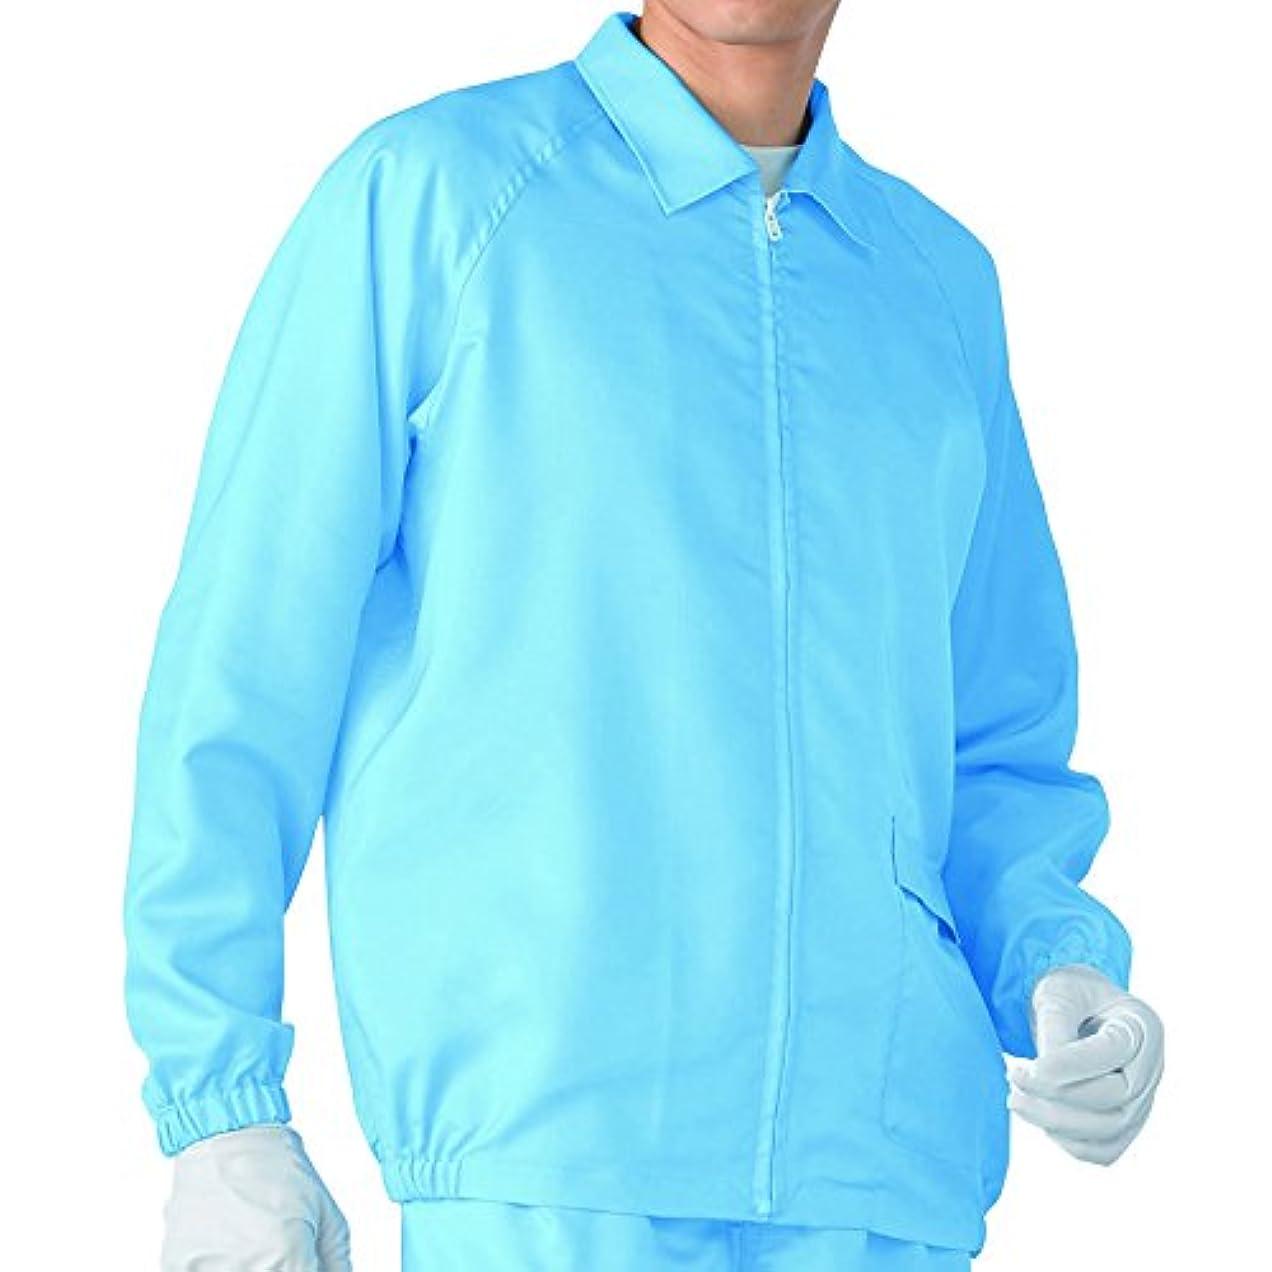 資格実施する集中的なアズワン 無塵衣AS203C 上衣 ブルー